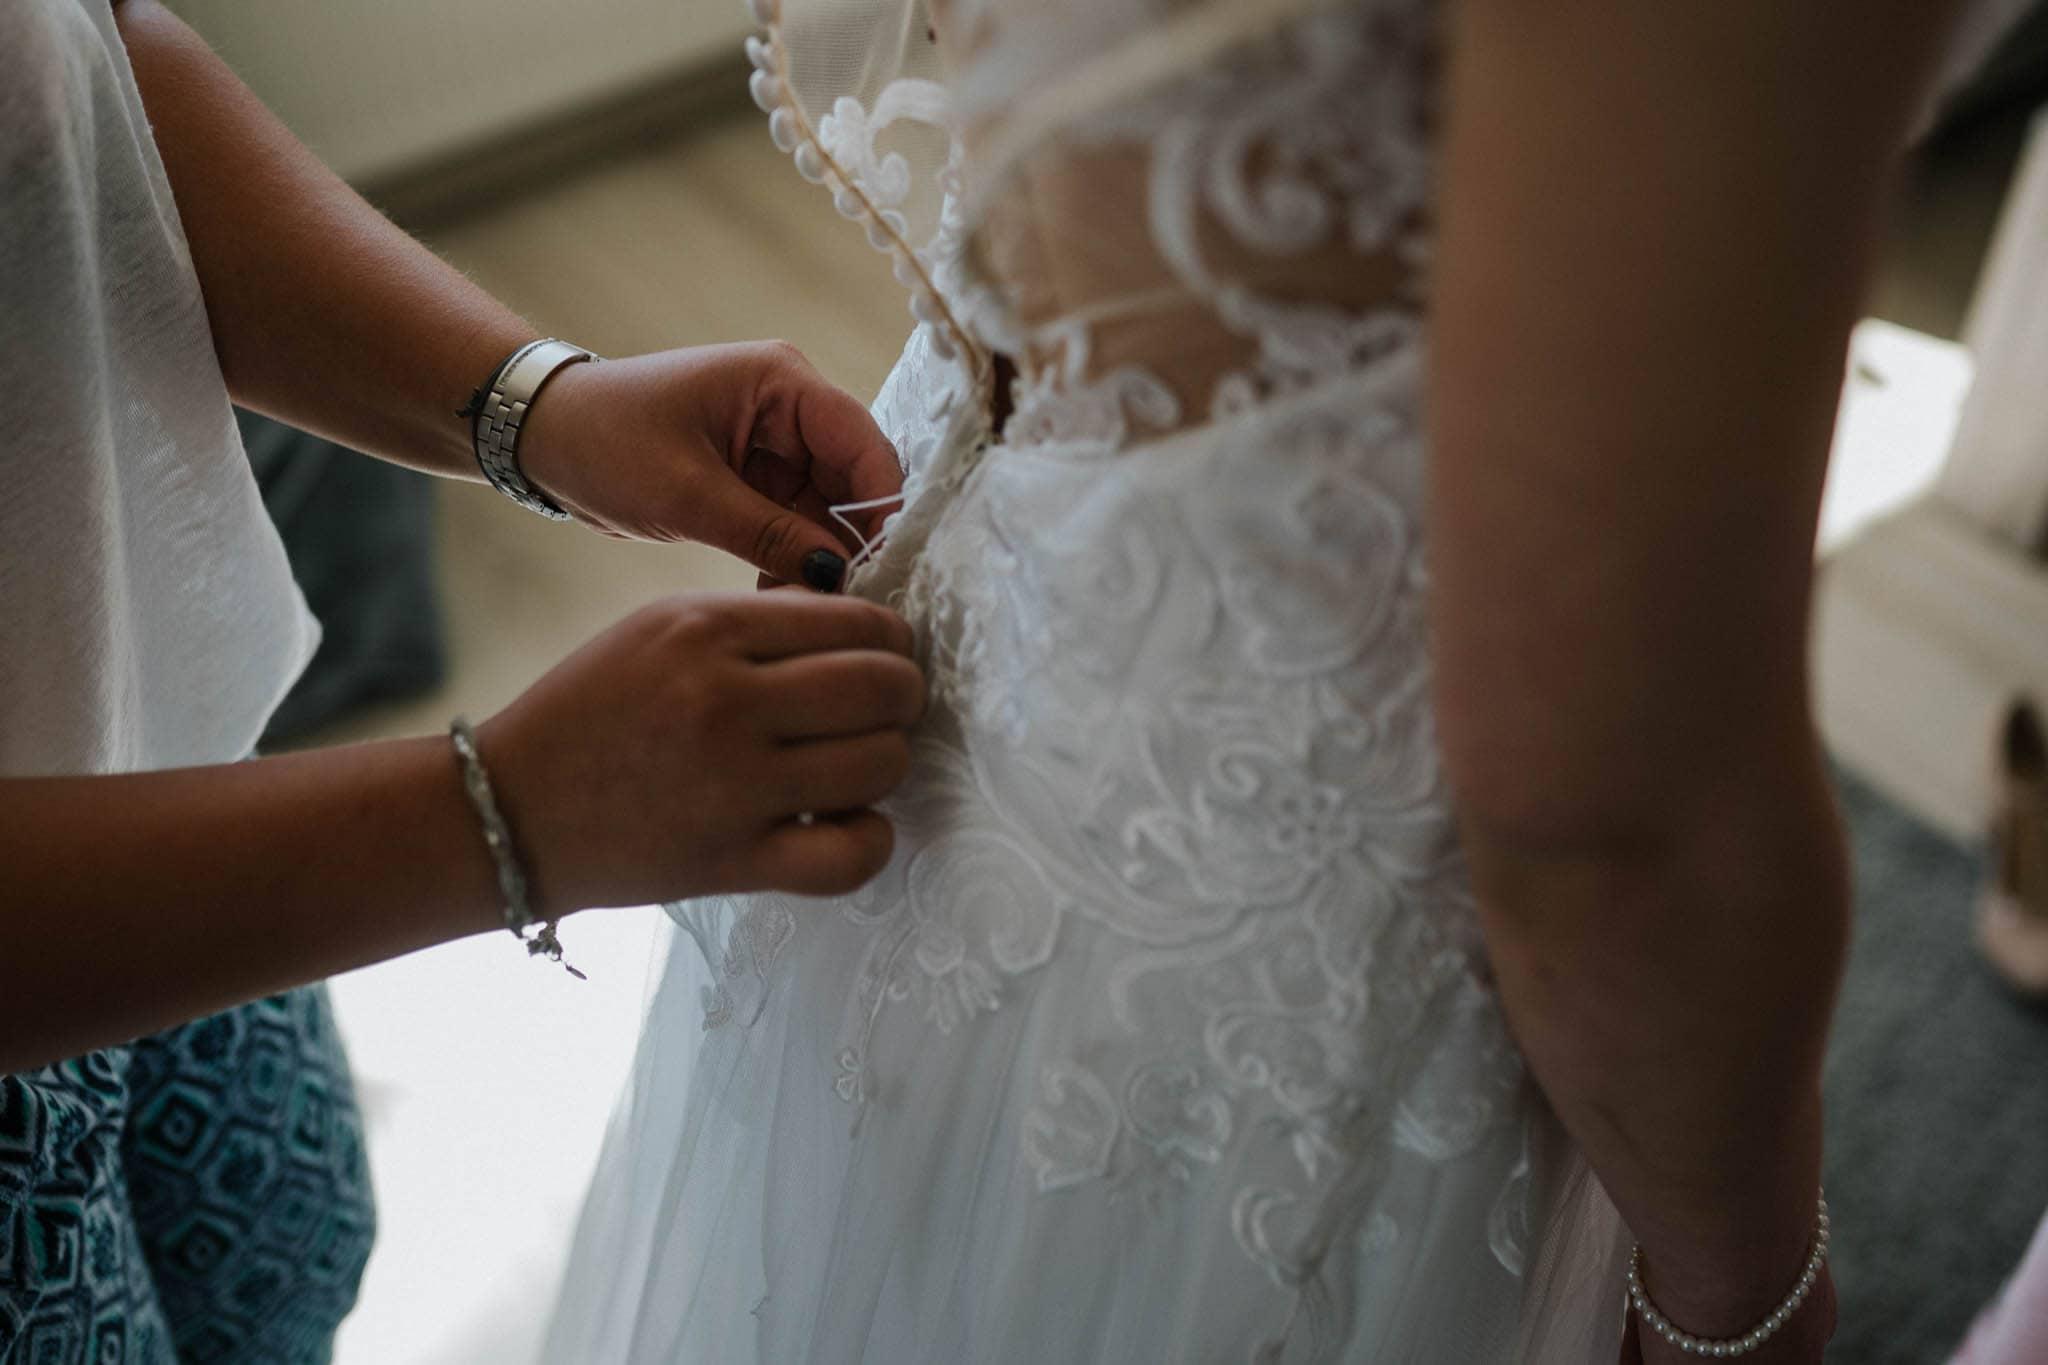 Hochzeitsfieber by Photo-Schomburg, Hoichzeitsfotograf, Hamburg, Wedding, Weddingtime, Hochzeitspaar, Braut, Bräutigam, Hochzeit im Norden,-23